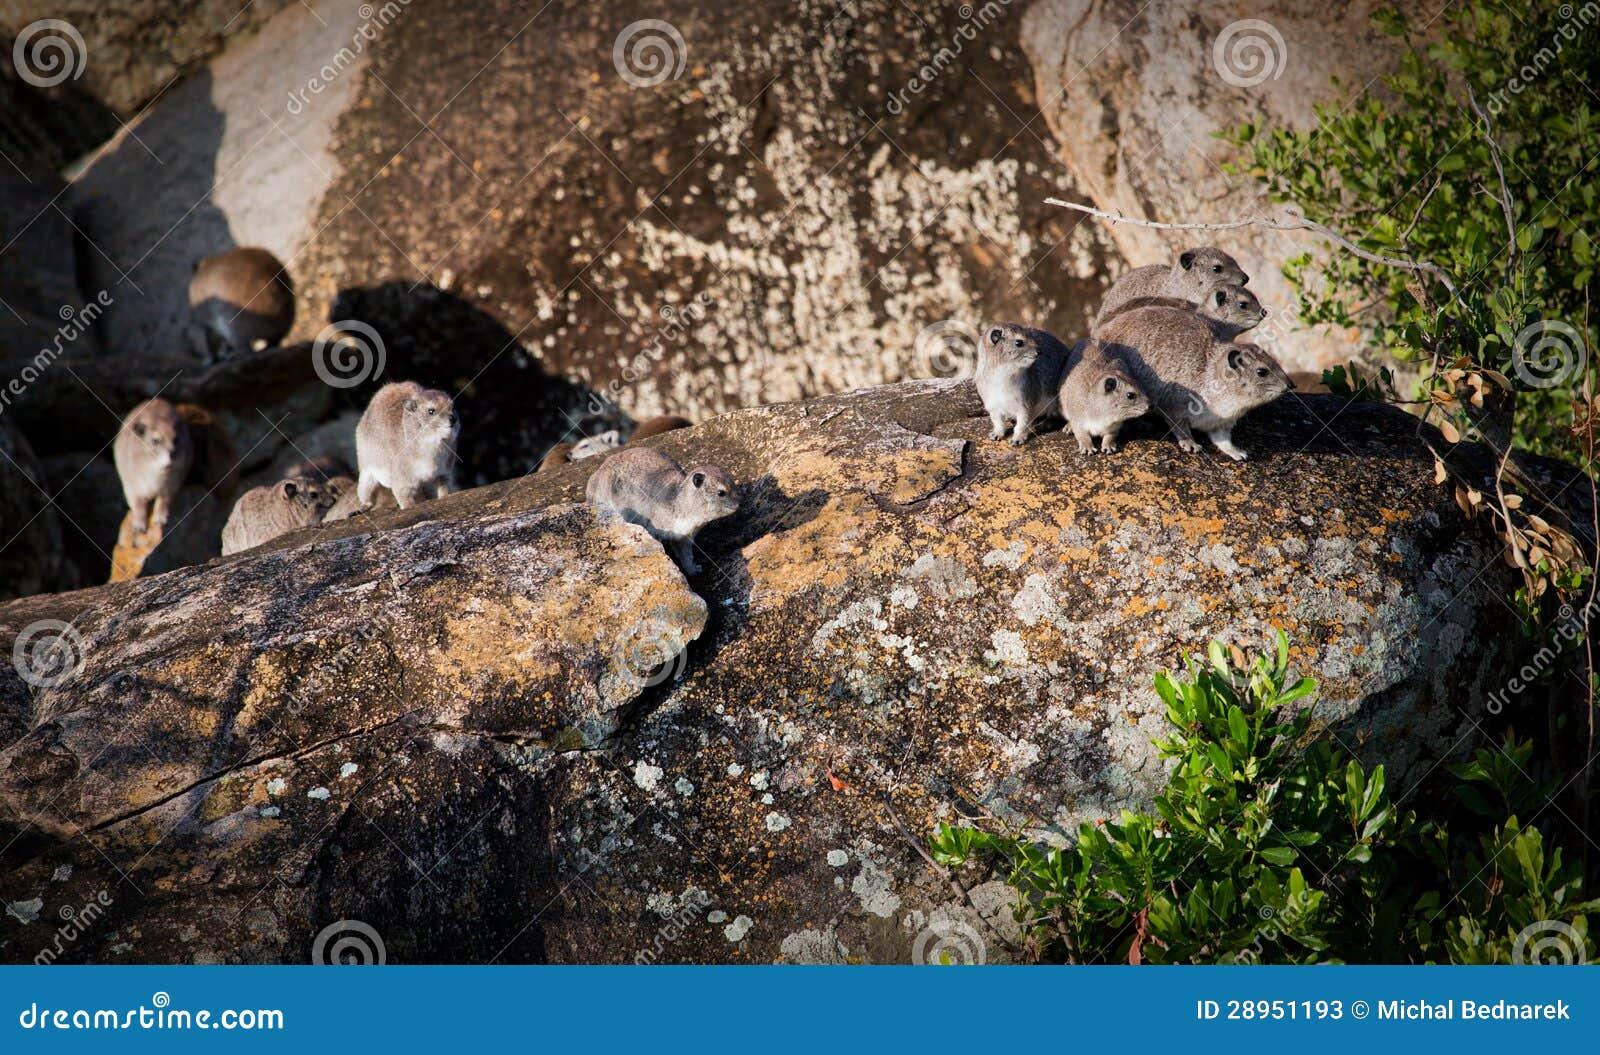 Rockowego góralka stado w Serengeti, Tanzania, Afryka.